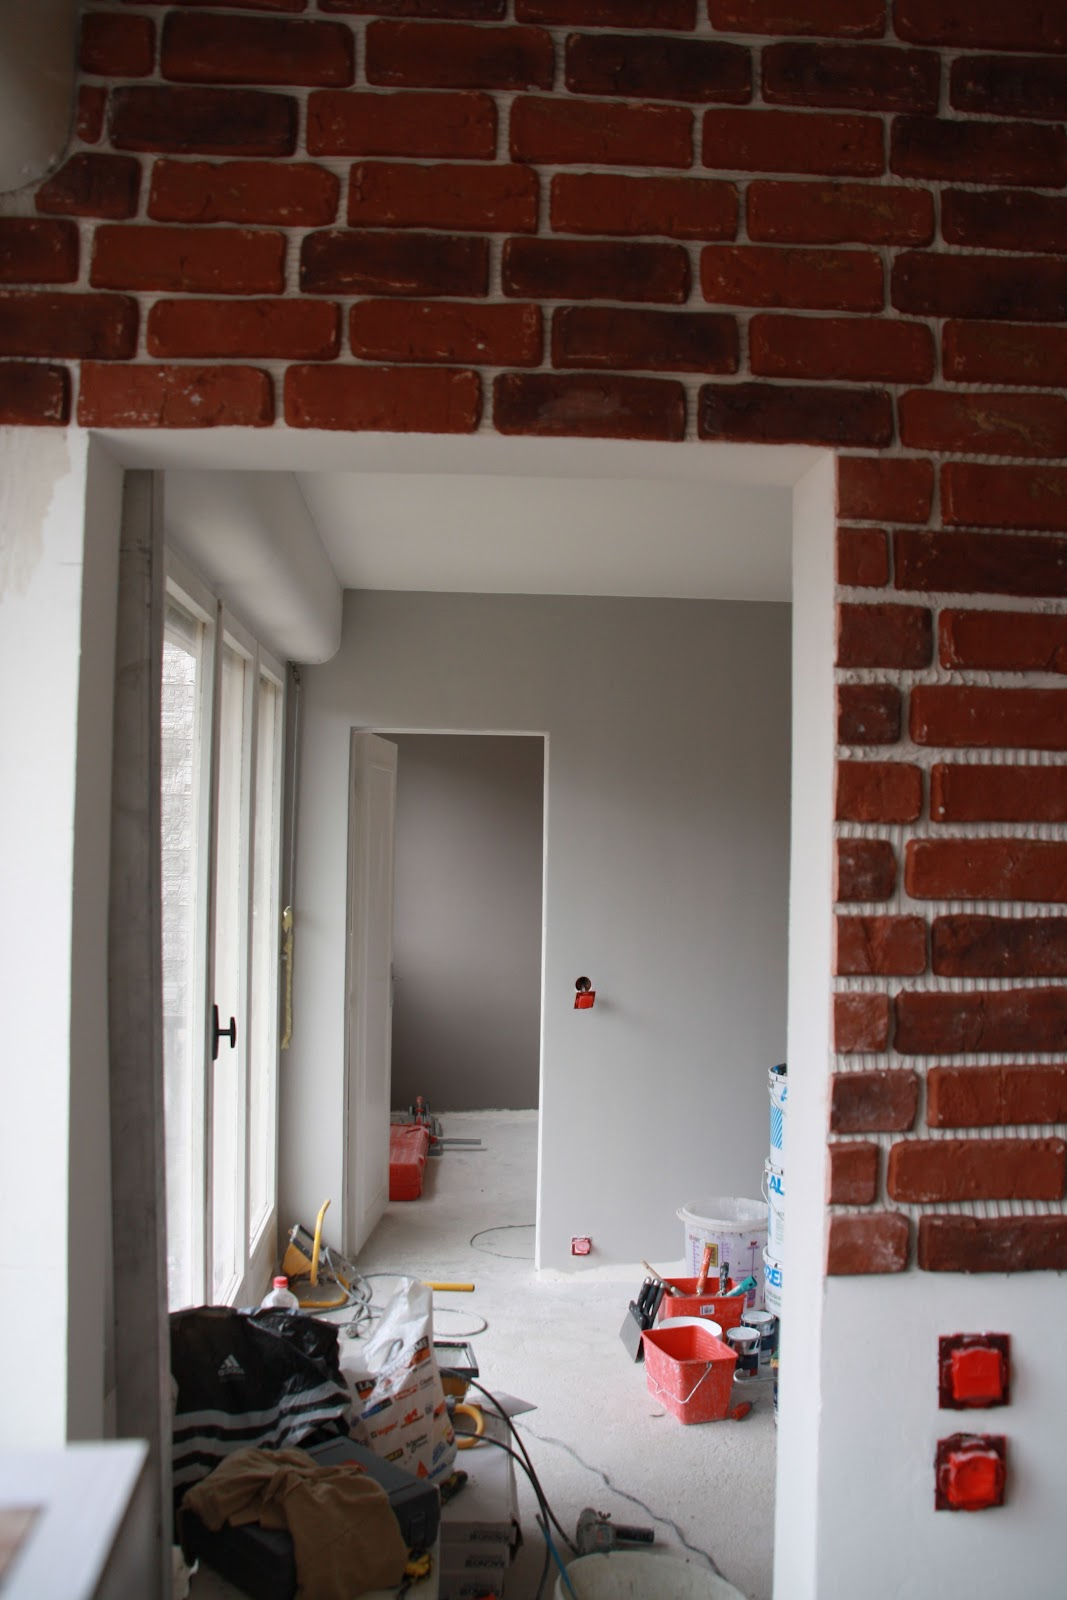 Cuisine brique grise - Peindre cheminee brique rouge ...